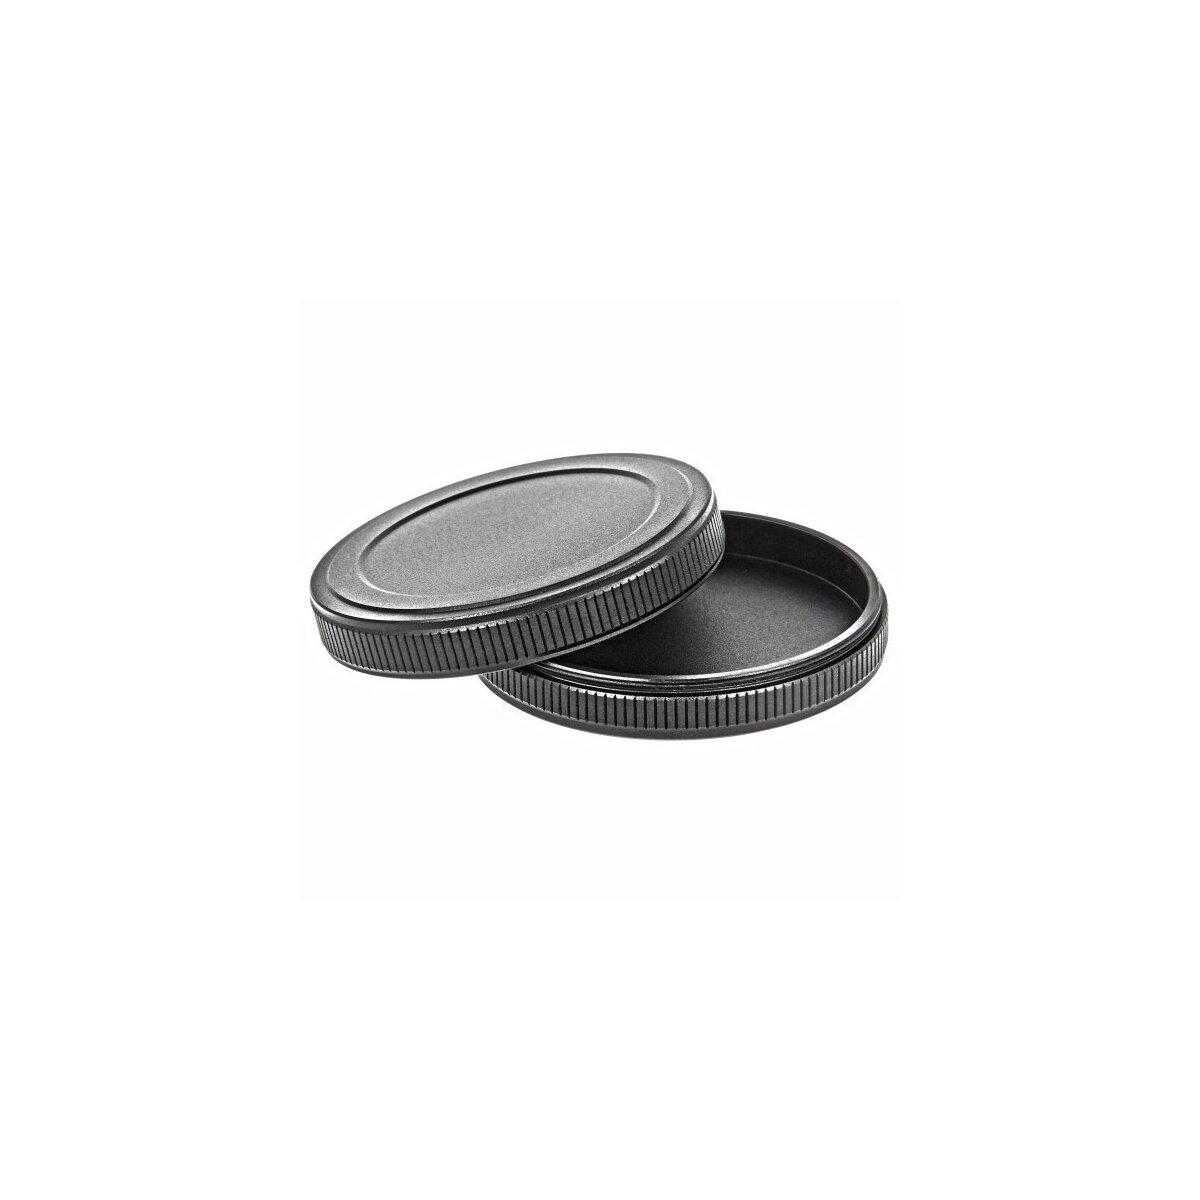 Aluminium Filter-Schutzdeckel / Schraub-Filterkappen fuer 52mm Filter - JJC SC-52